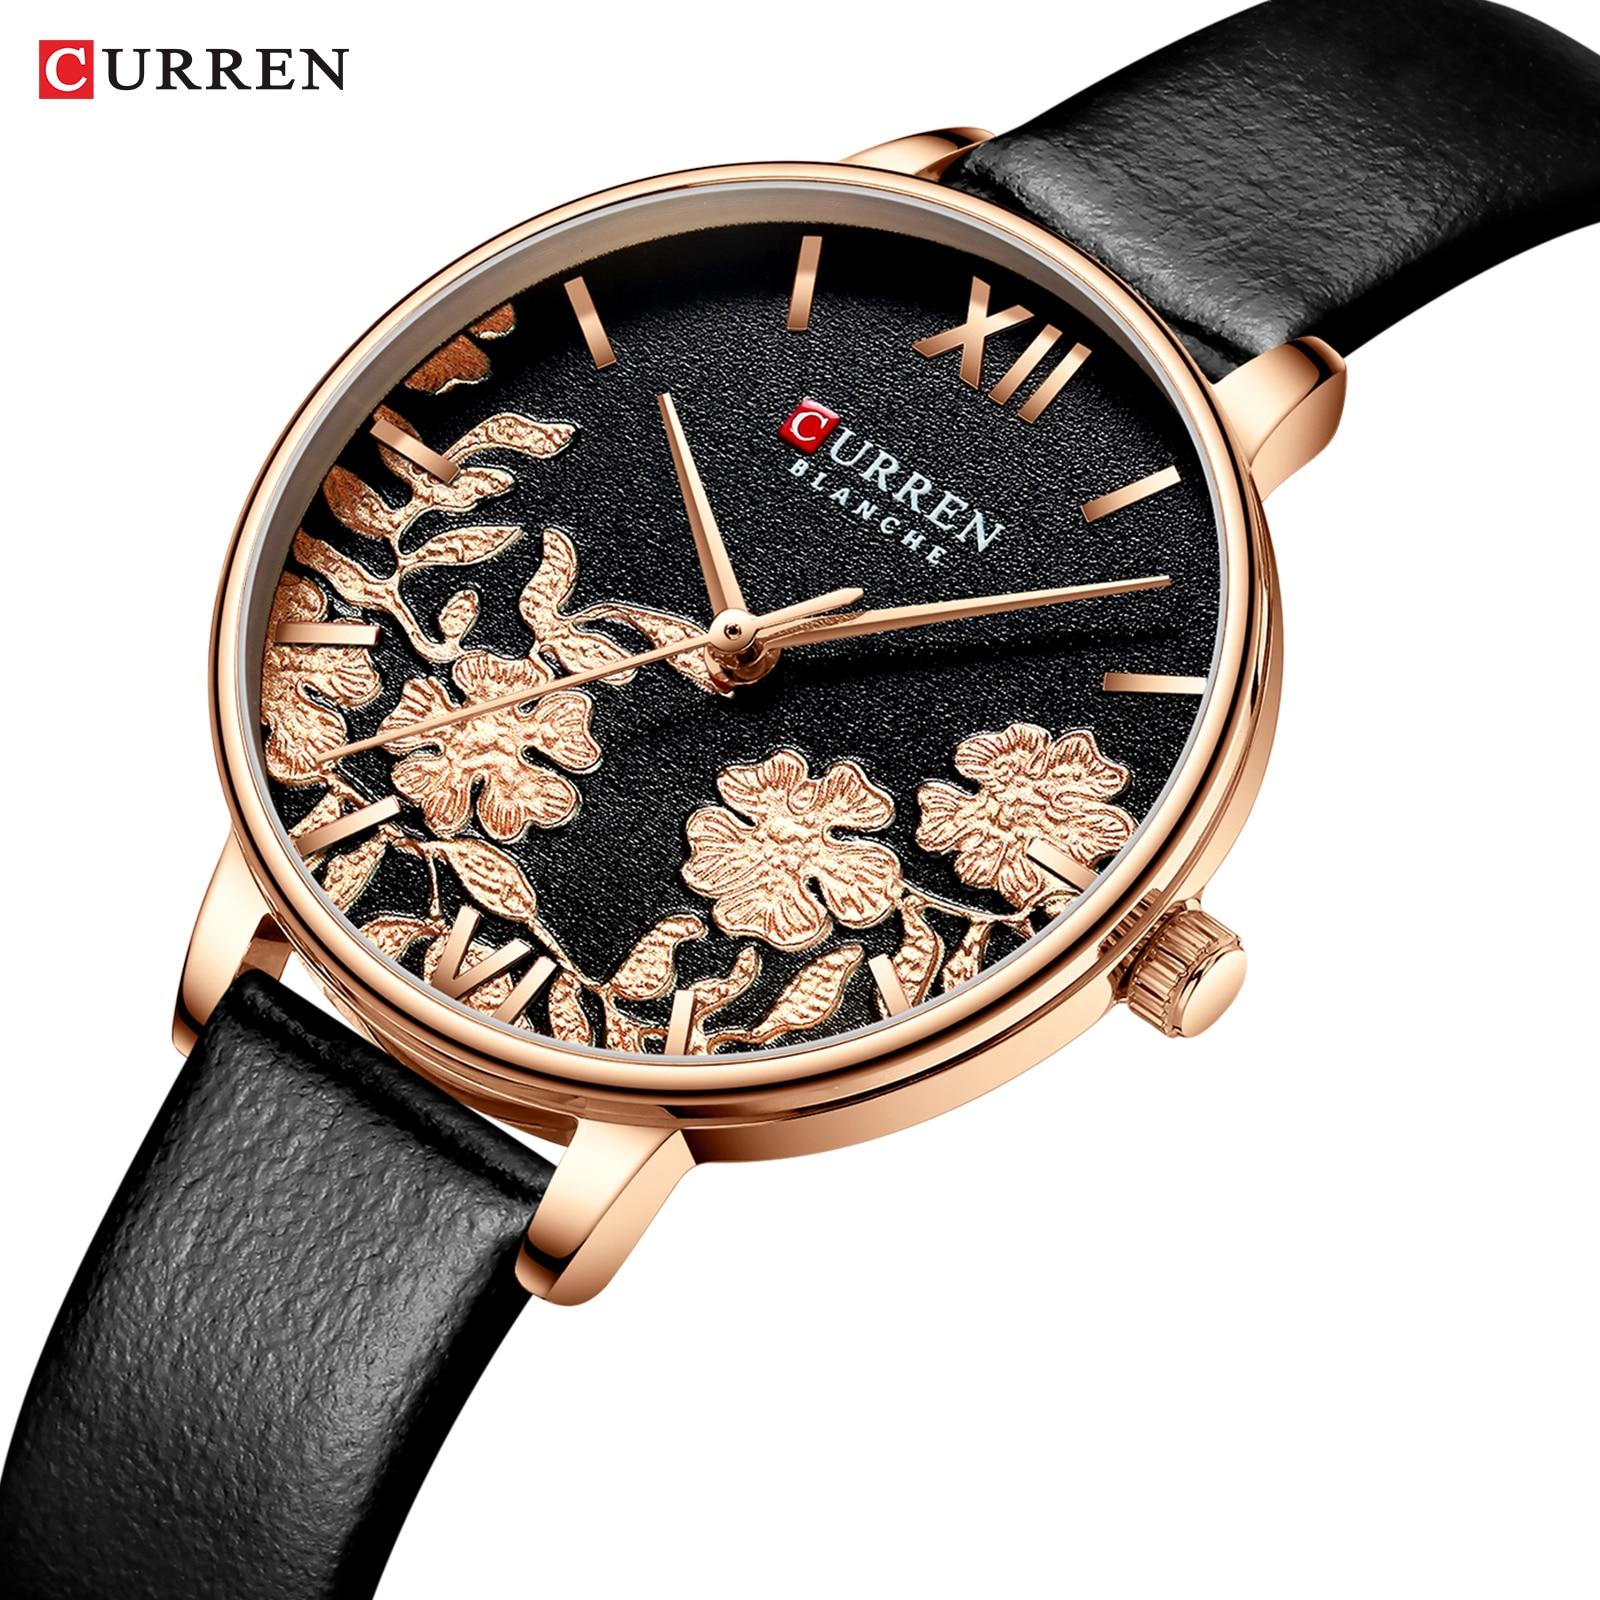 CURREN Leather Women Watches 2019 Beautiful Unique Design Dial Quartz Wristwatch Clock Female Fashion Dress Watch Montre Femme